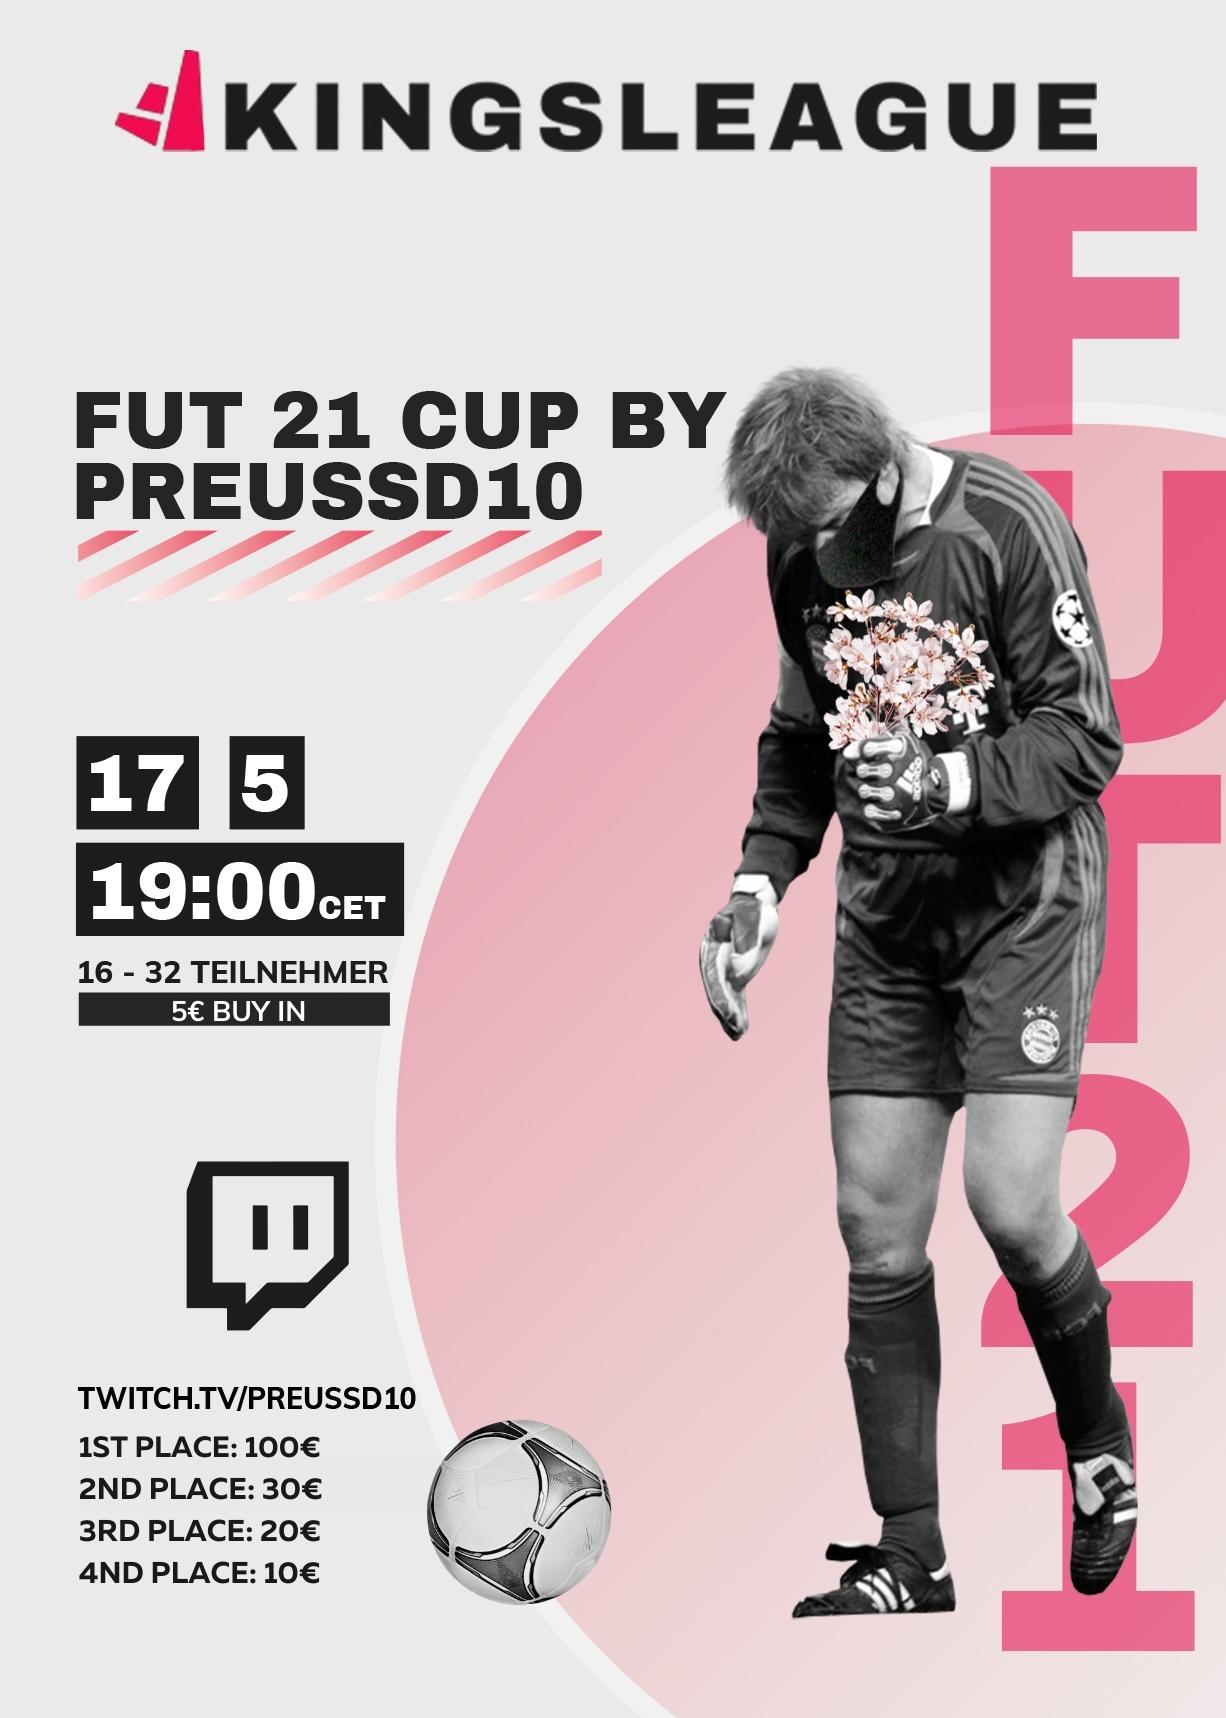 Kingsleague FUT21 Cup by Preusd10